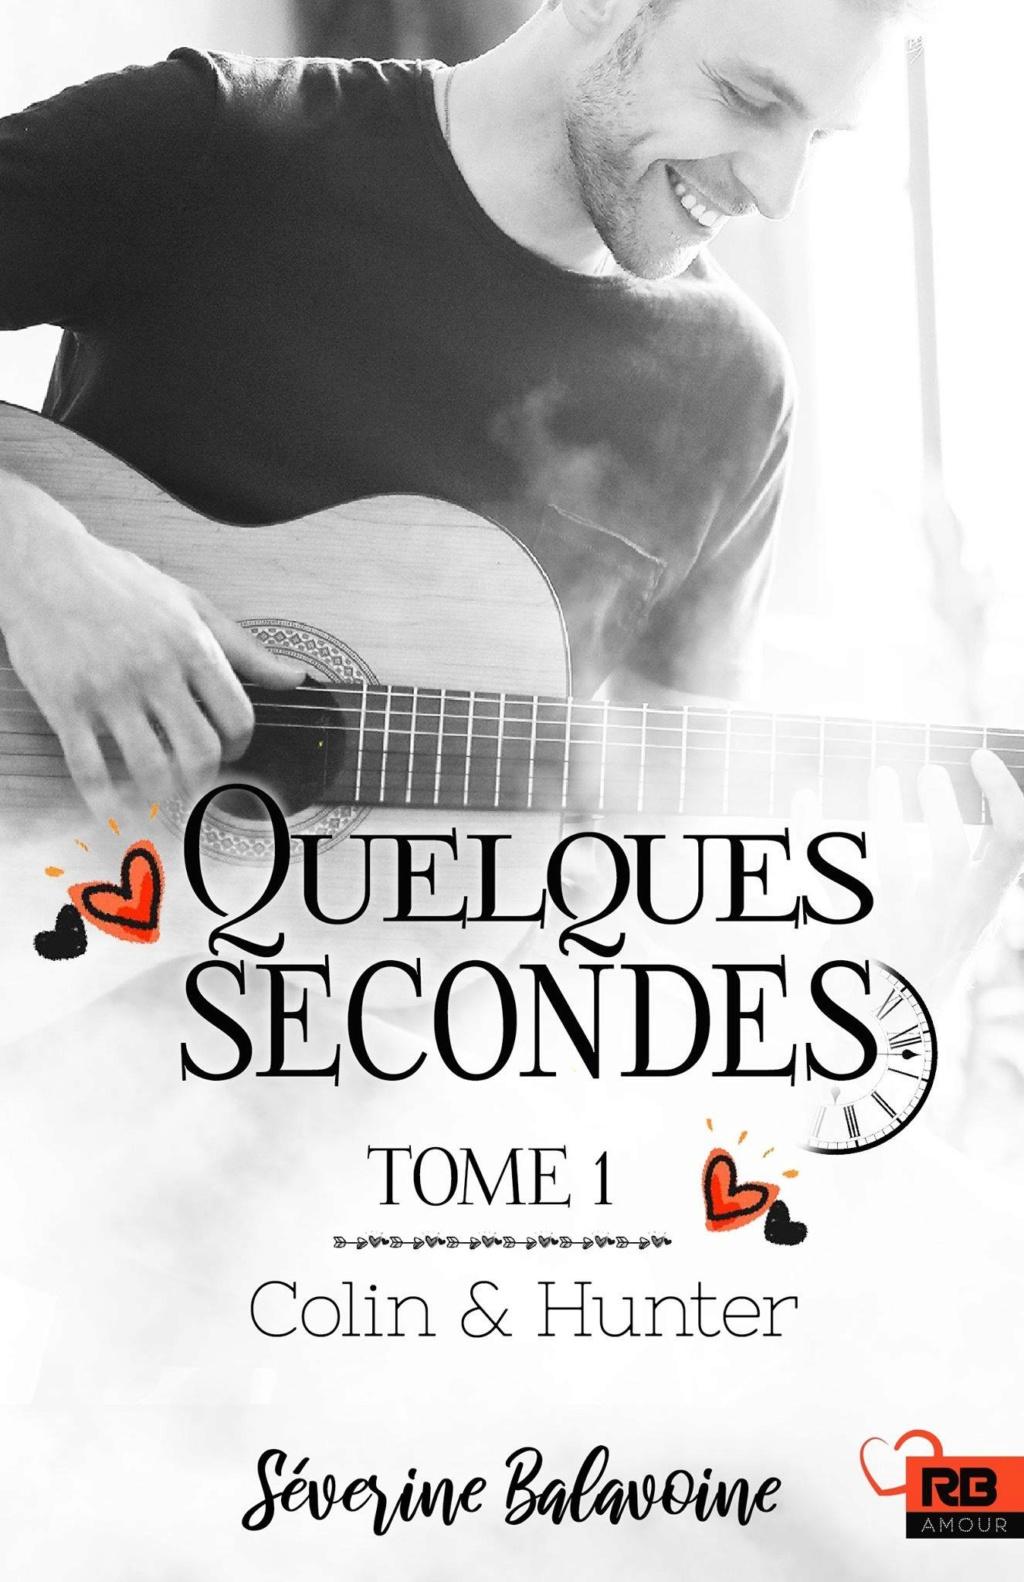 Quelques secondes - Tome 1 : Colin & Hunter de Séverine Balavoine Quelqu11